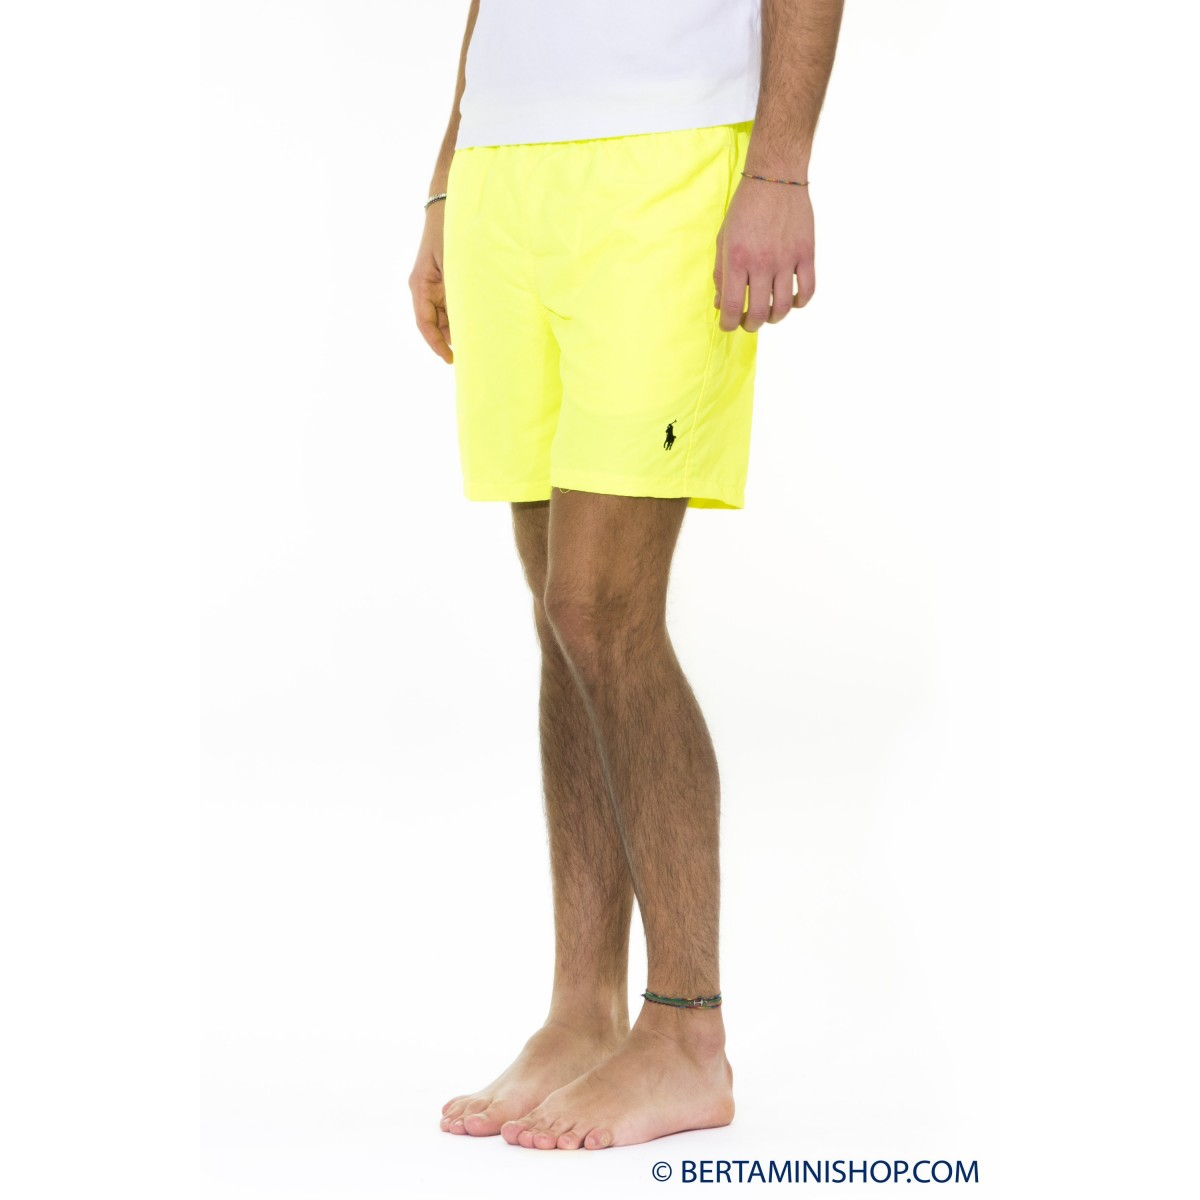 Short Ralph Lauren - A75Aww12Yy501 Short Fluo A7800 - Giallo fluo